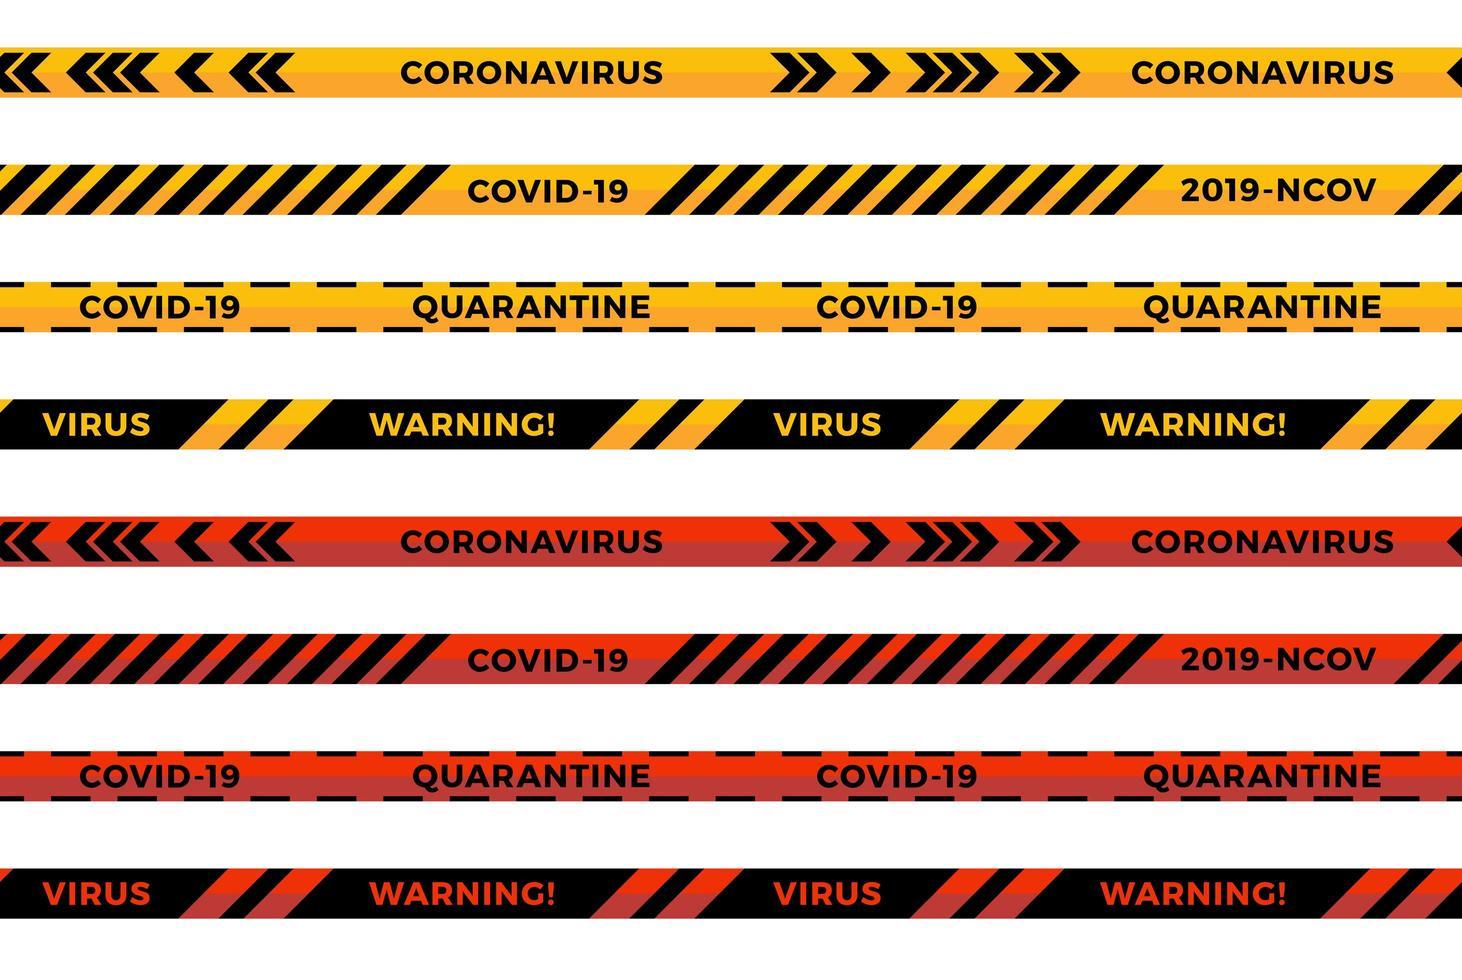 Warnstreifen. Coronavirus Warnung nahtlose Streifen. covid-19 Zeichen. Quarantäne-Biogefährdungssymbol. Warnliniensammlung schwarze, rote und gelbe Farbe, lokalisiert auf weißem Hintergrund. Vektor